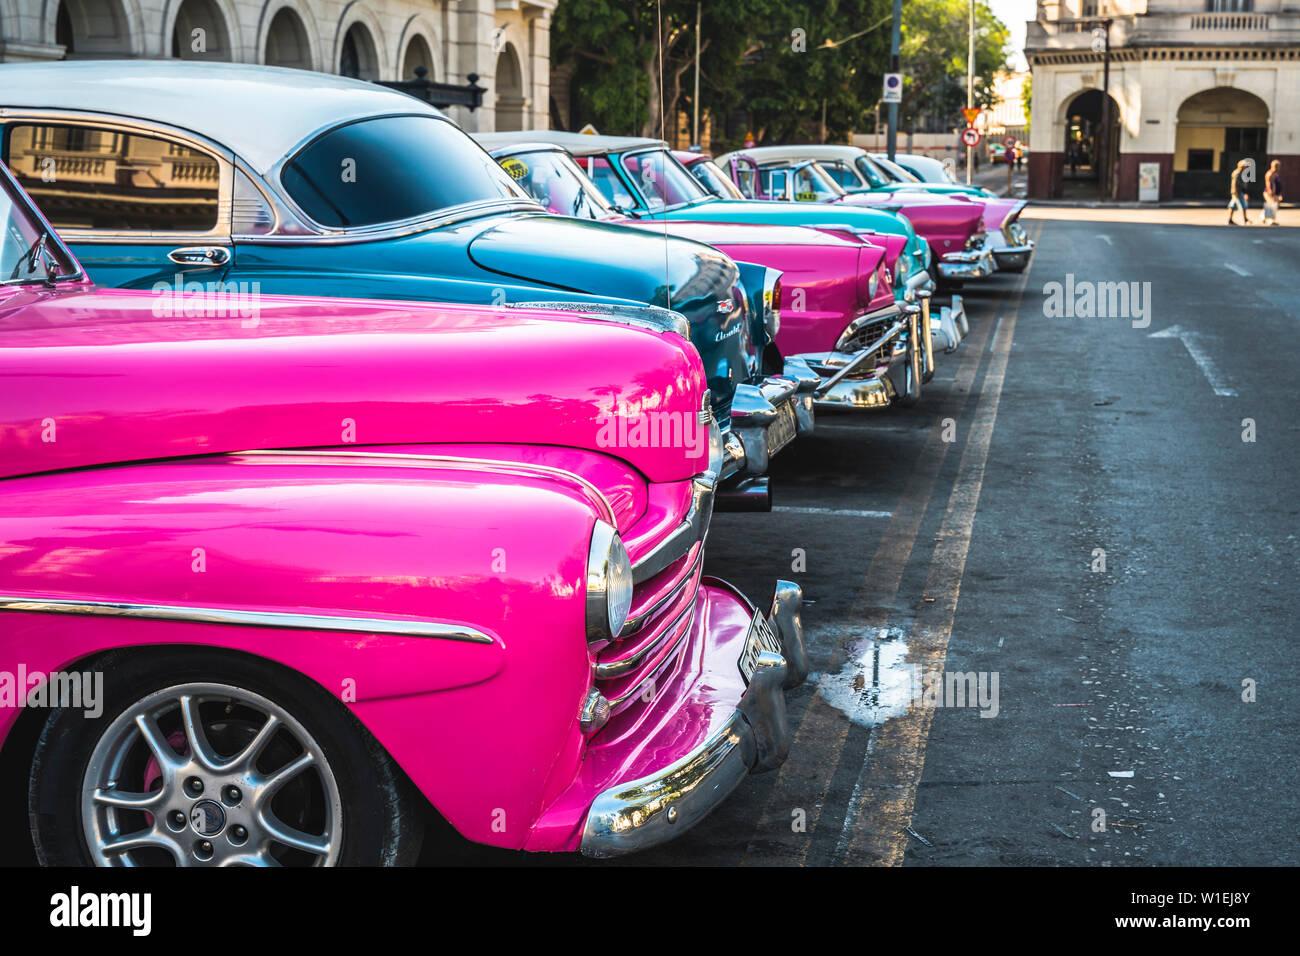 Taxi américain coloré de voitures stationnées à La Havane, La Havane, Cuba (La Havane), Antilles, Caraïbes, Amérique Centrale Banque D'Images